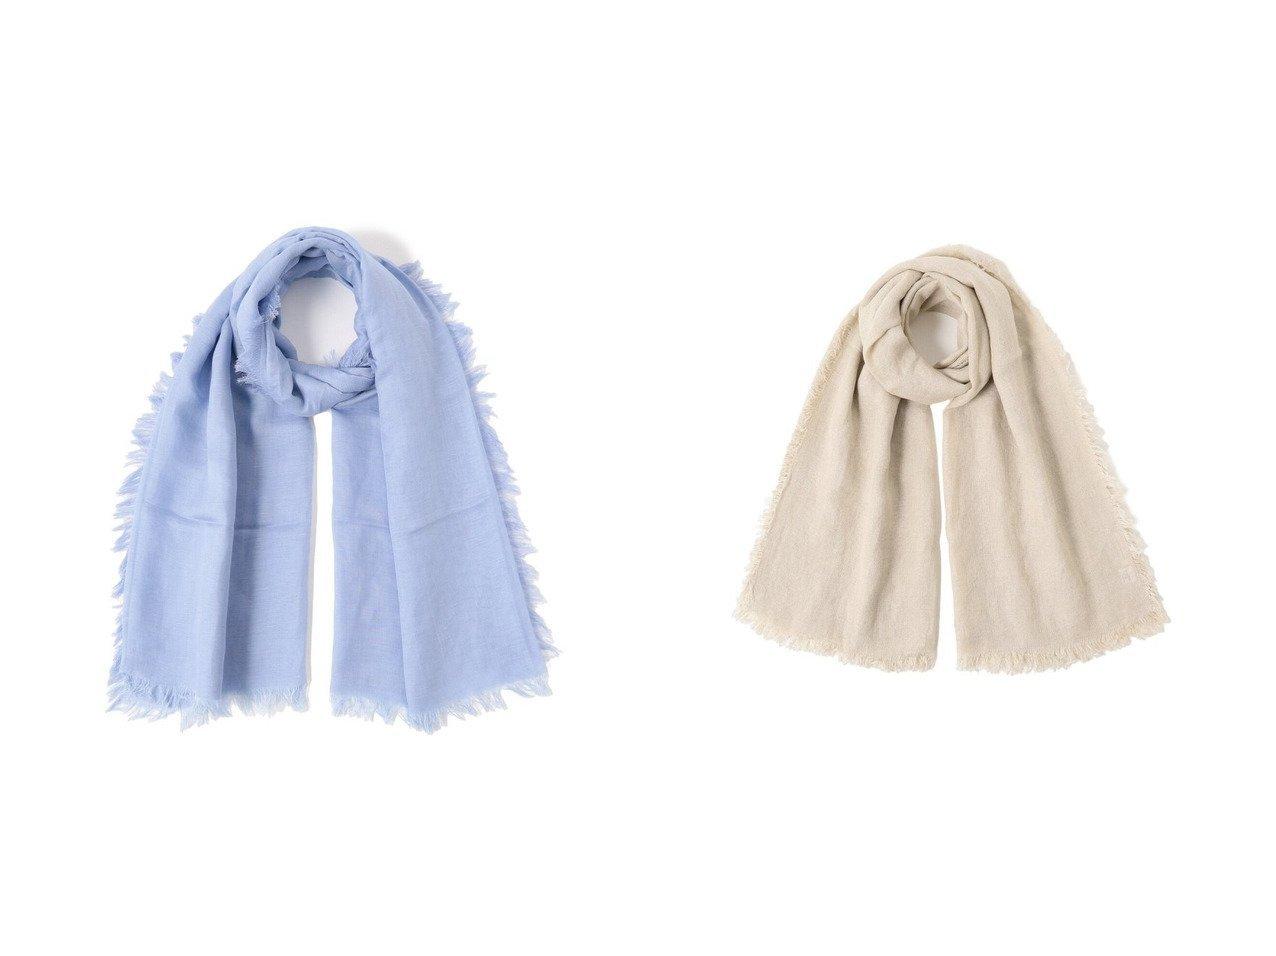 【Demi-Luxe BEAMS/デミルクス ビームス】のフランダースリネン ガーゼストール&モダールリネンシルク メランジュ ストール おすすめ!人気、トレンド・レディースファッションの通販 おすすめで人気の流行・トレンド、ファッションの通販商品 メンズファッション・キッズファッション・インテリア・家具・レディースファッション・服の通販 founy(ファニー) https://founy.com/ ファッション Fashion レディースファッション WOMEN アクセサリー イタリア シルク ストール スポーツ リネン A/W 秋冬 AW Autumn/Winter / FW Fall-Winter NEW・新作・新着・新入荷 New Arrivals  ID:crp329100000013267